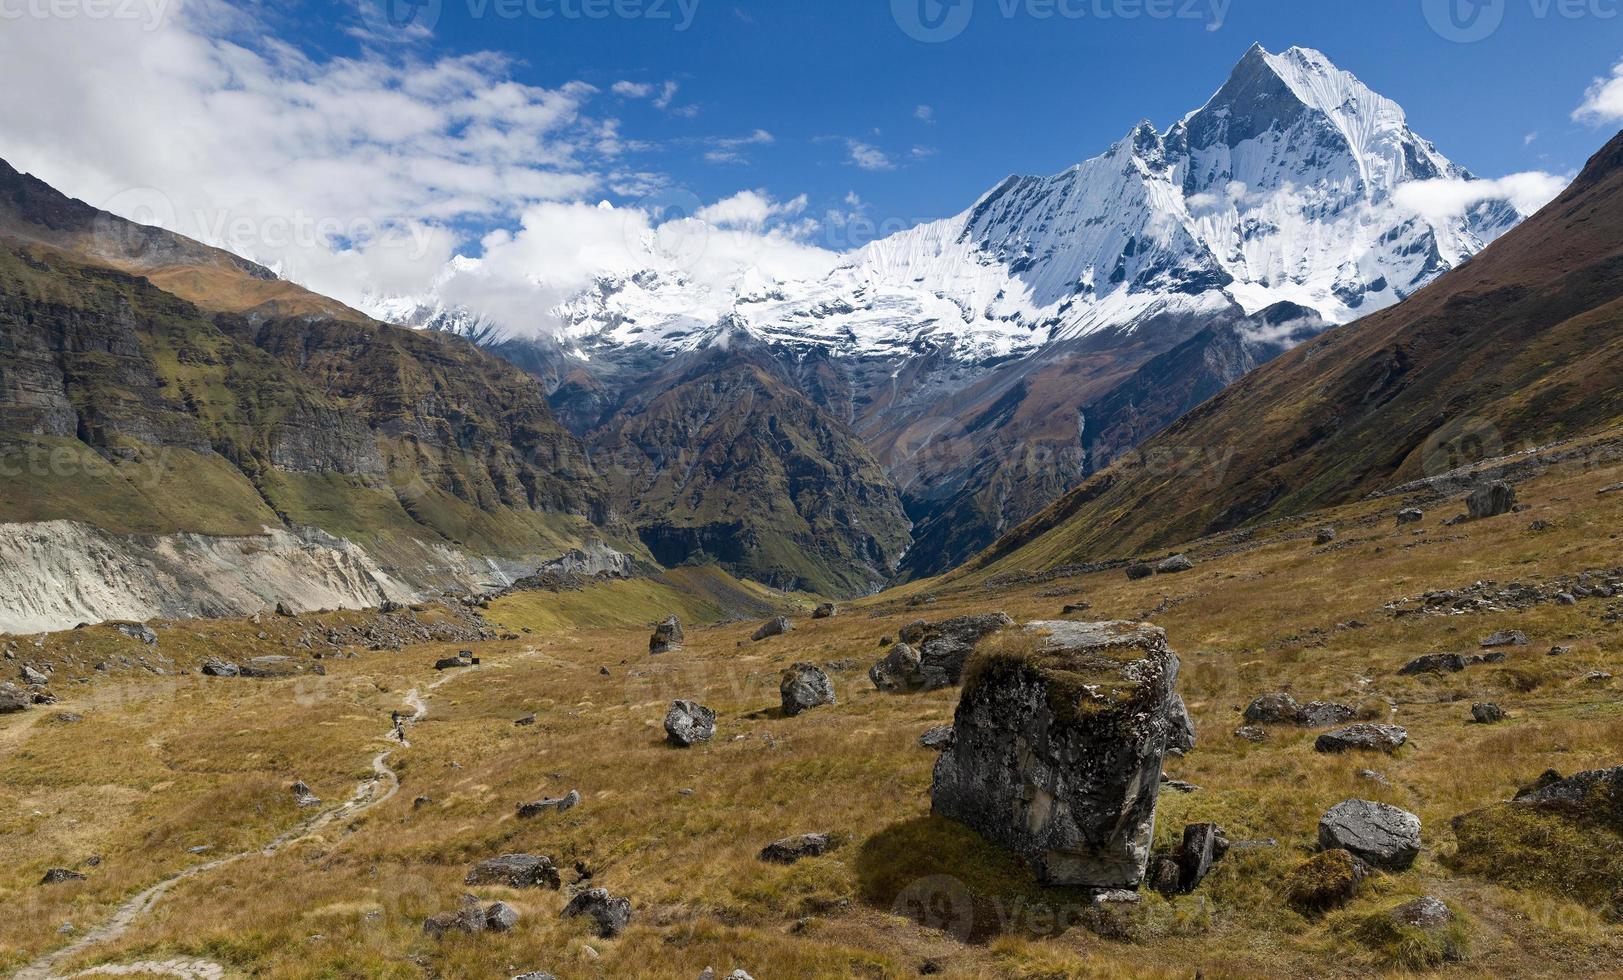 vue depuis le camp de base de l'annapurna photo